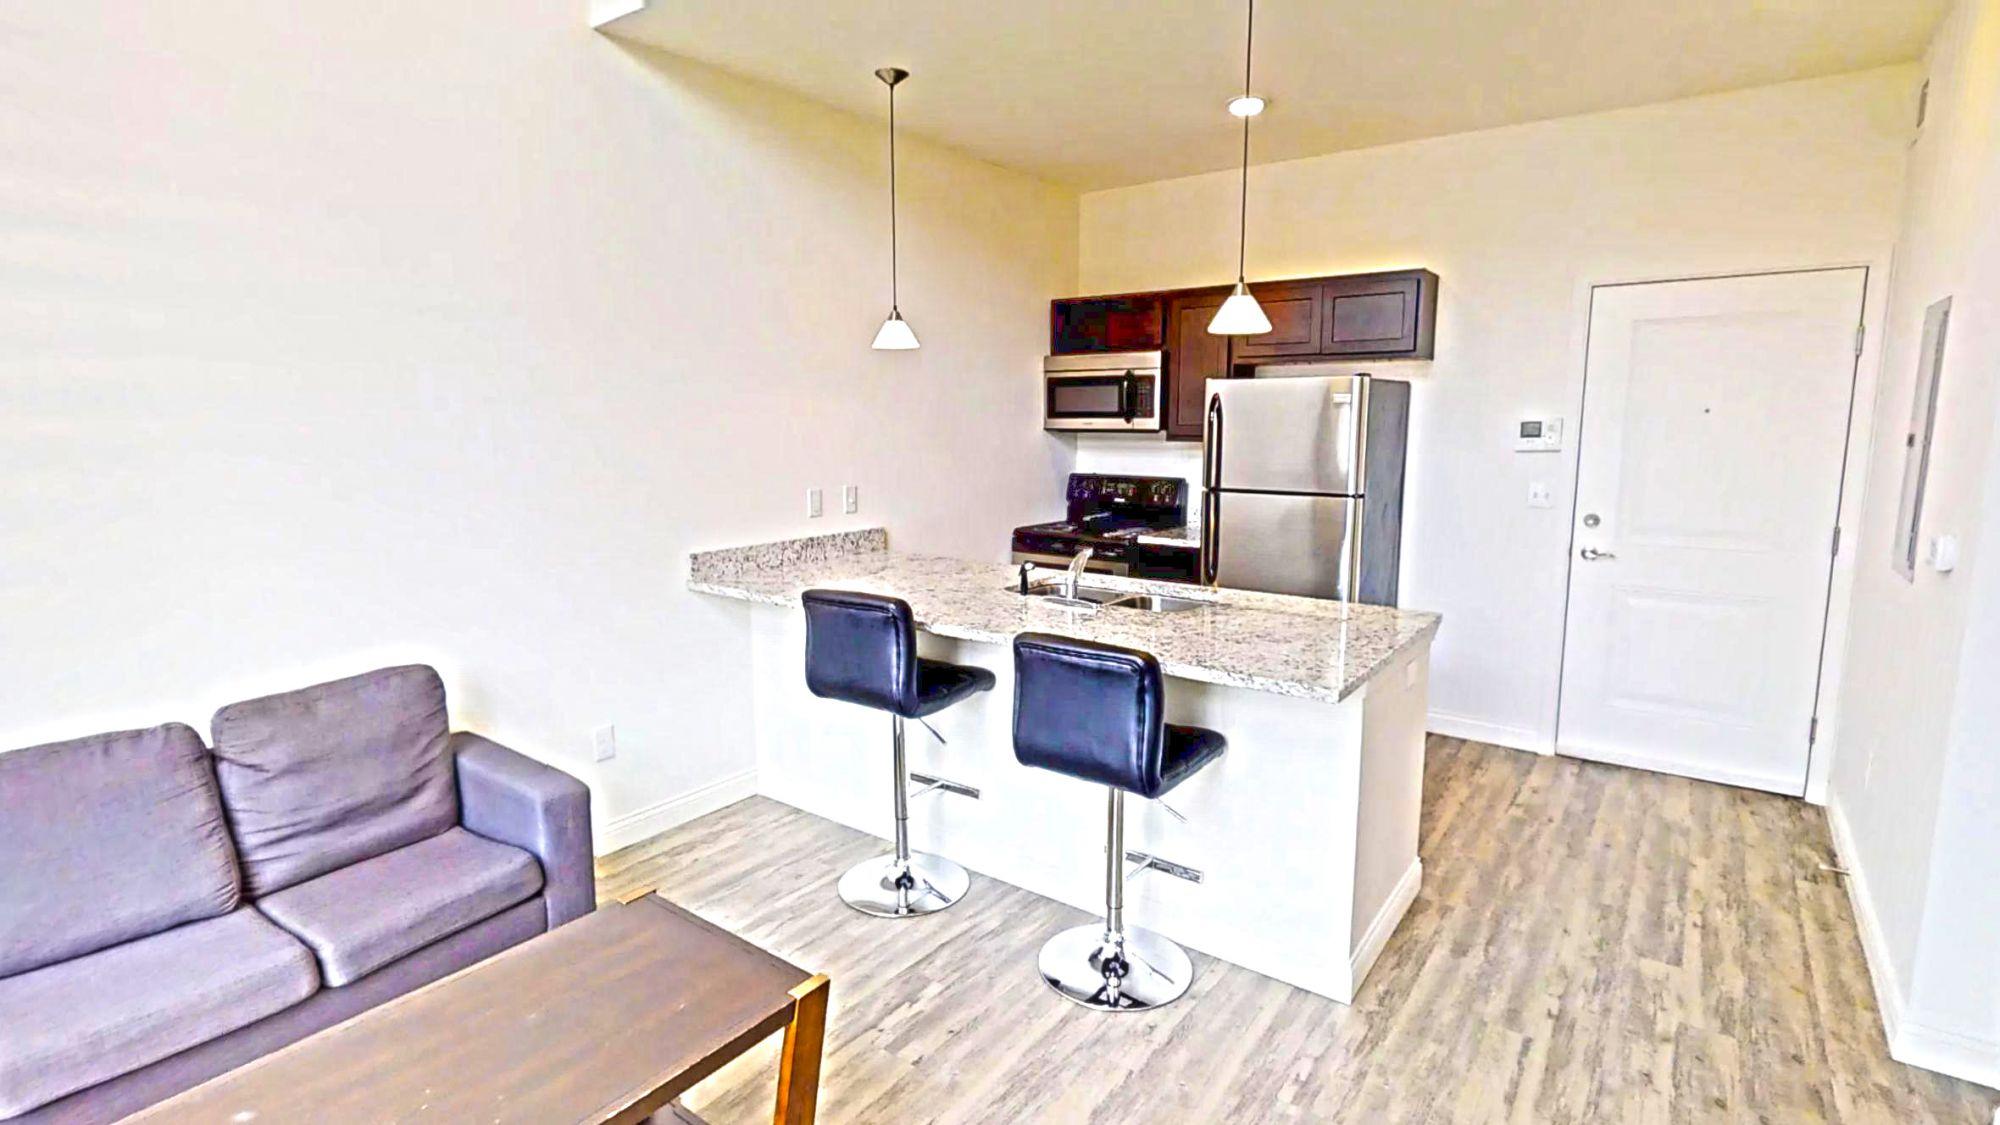 Apartments Near University of Illinois 314 E. White St for University of Illinois Students in Champaign, IL